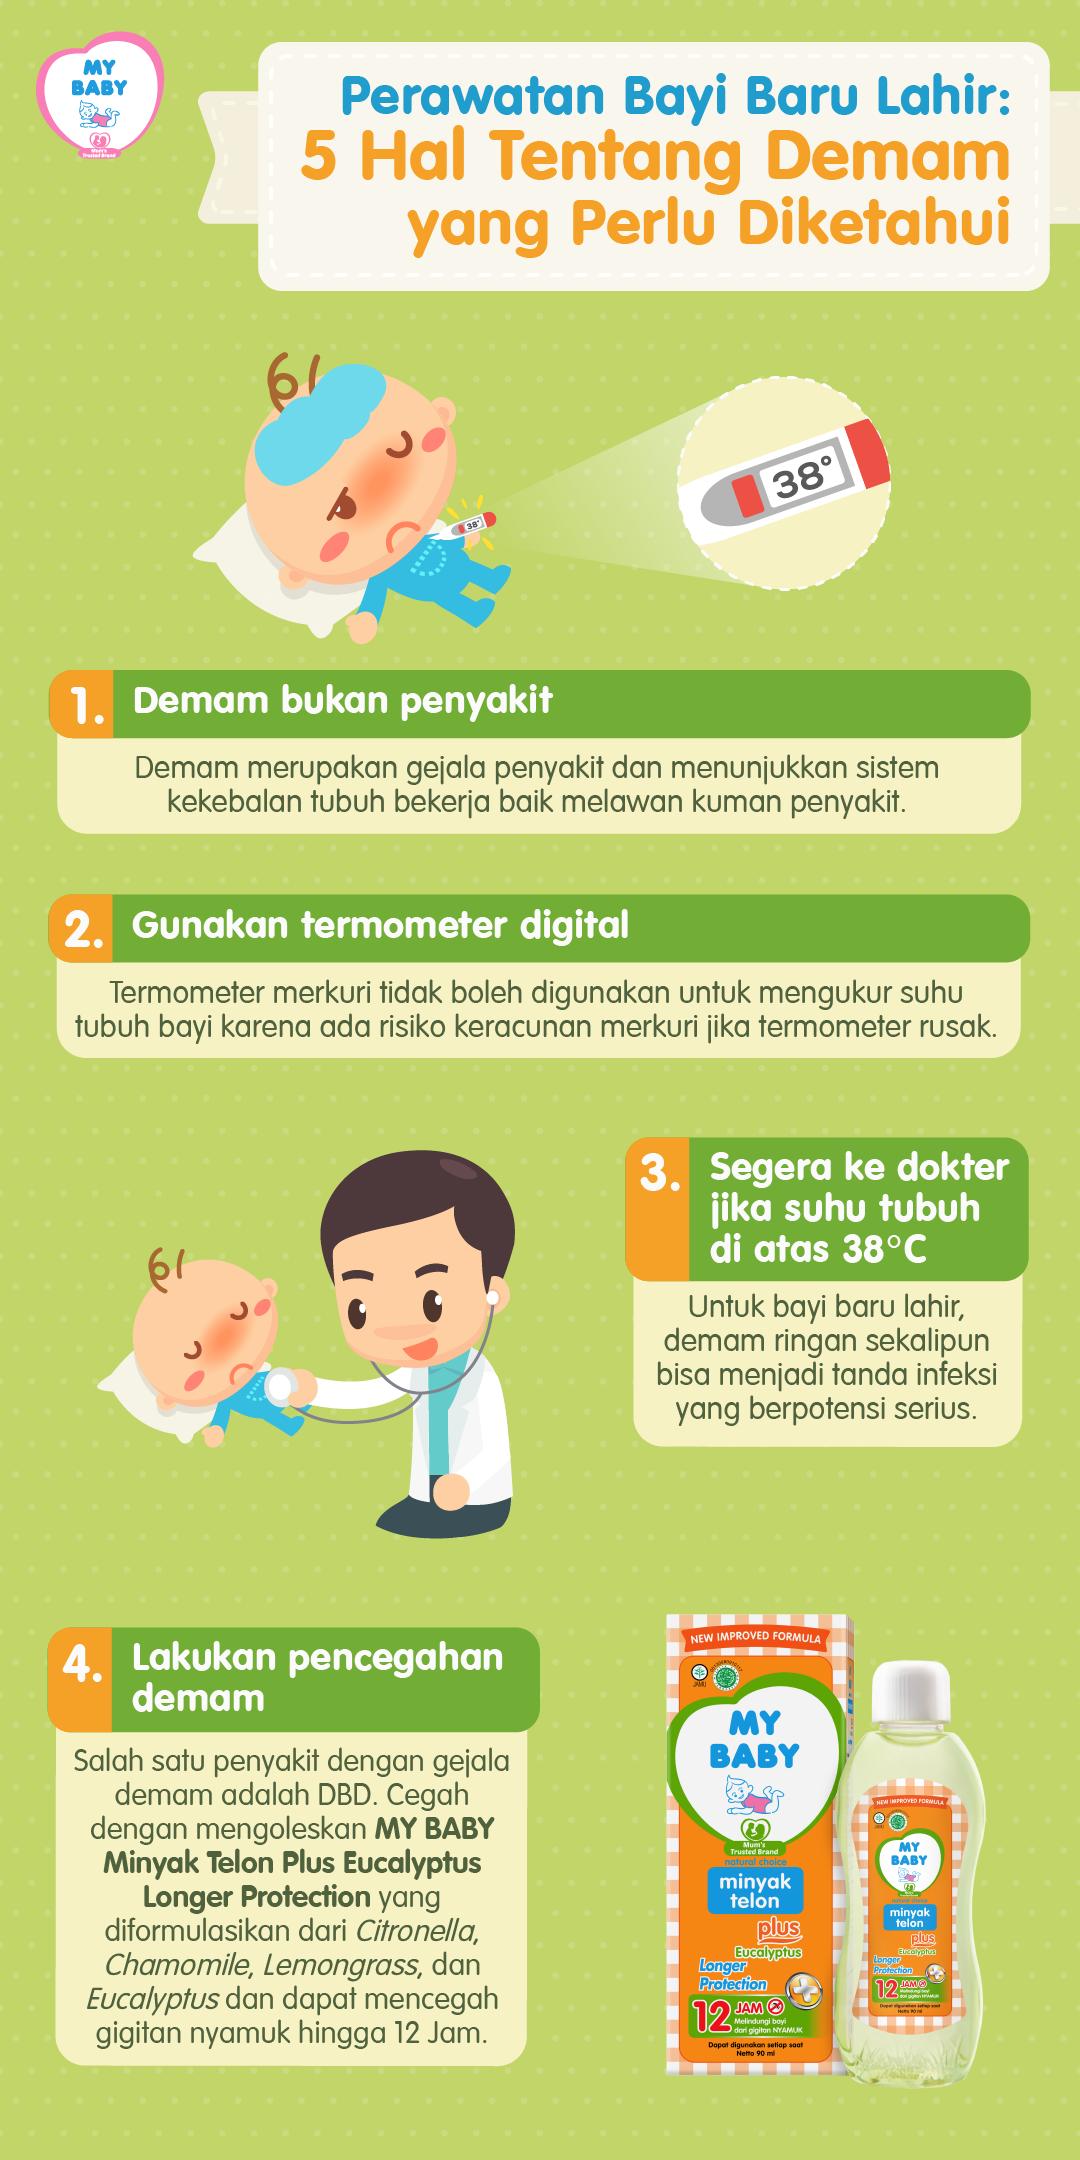 Perawatan Bayi Baru Lahir 5 Hal Tentang Demam yang Perlu Diketahui